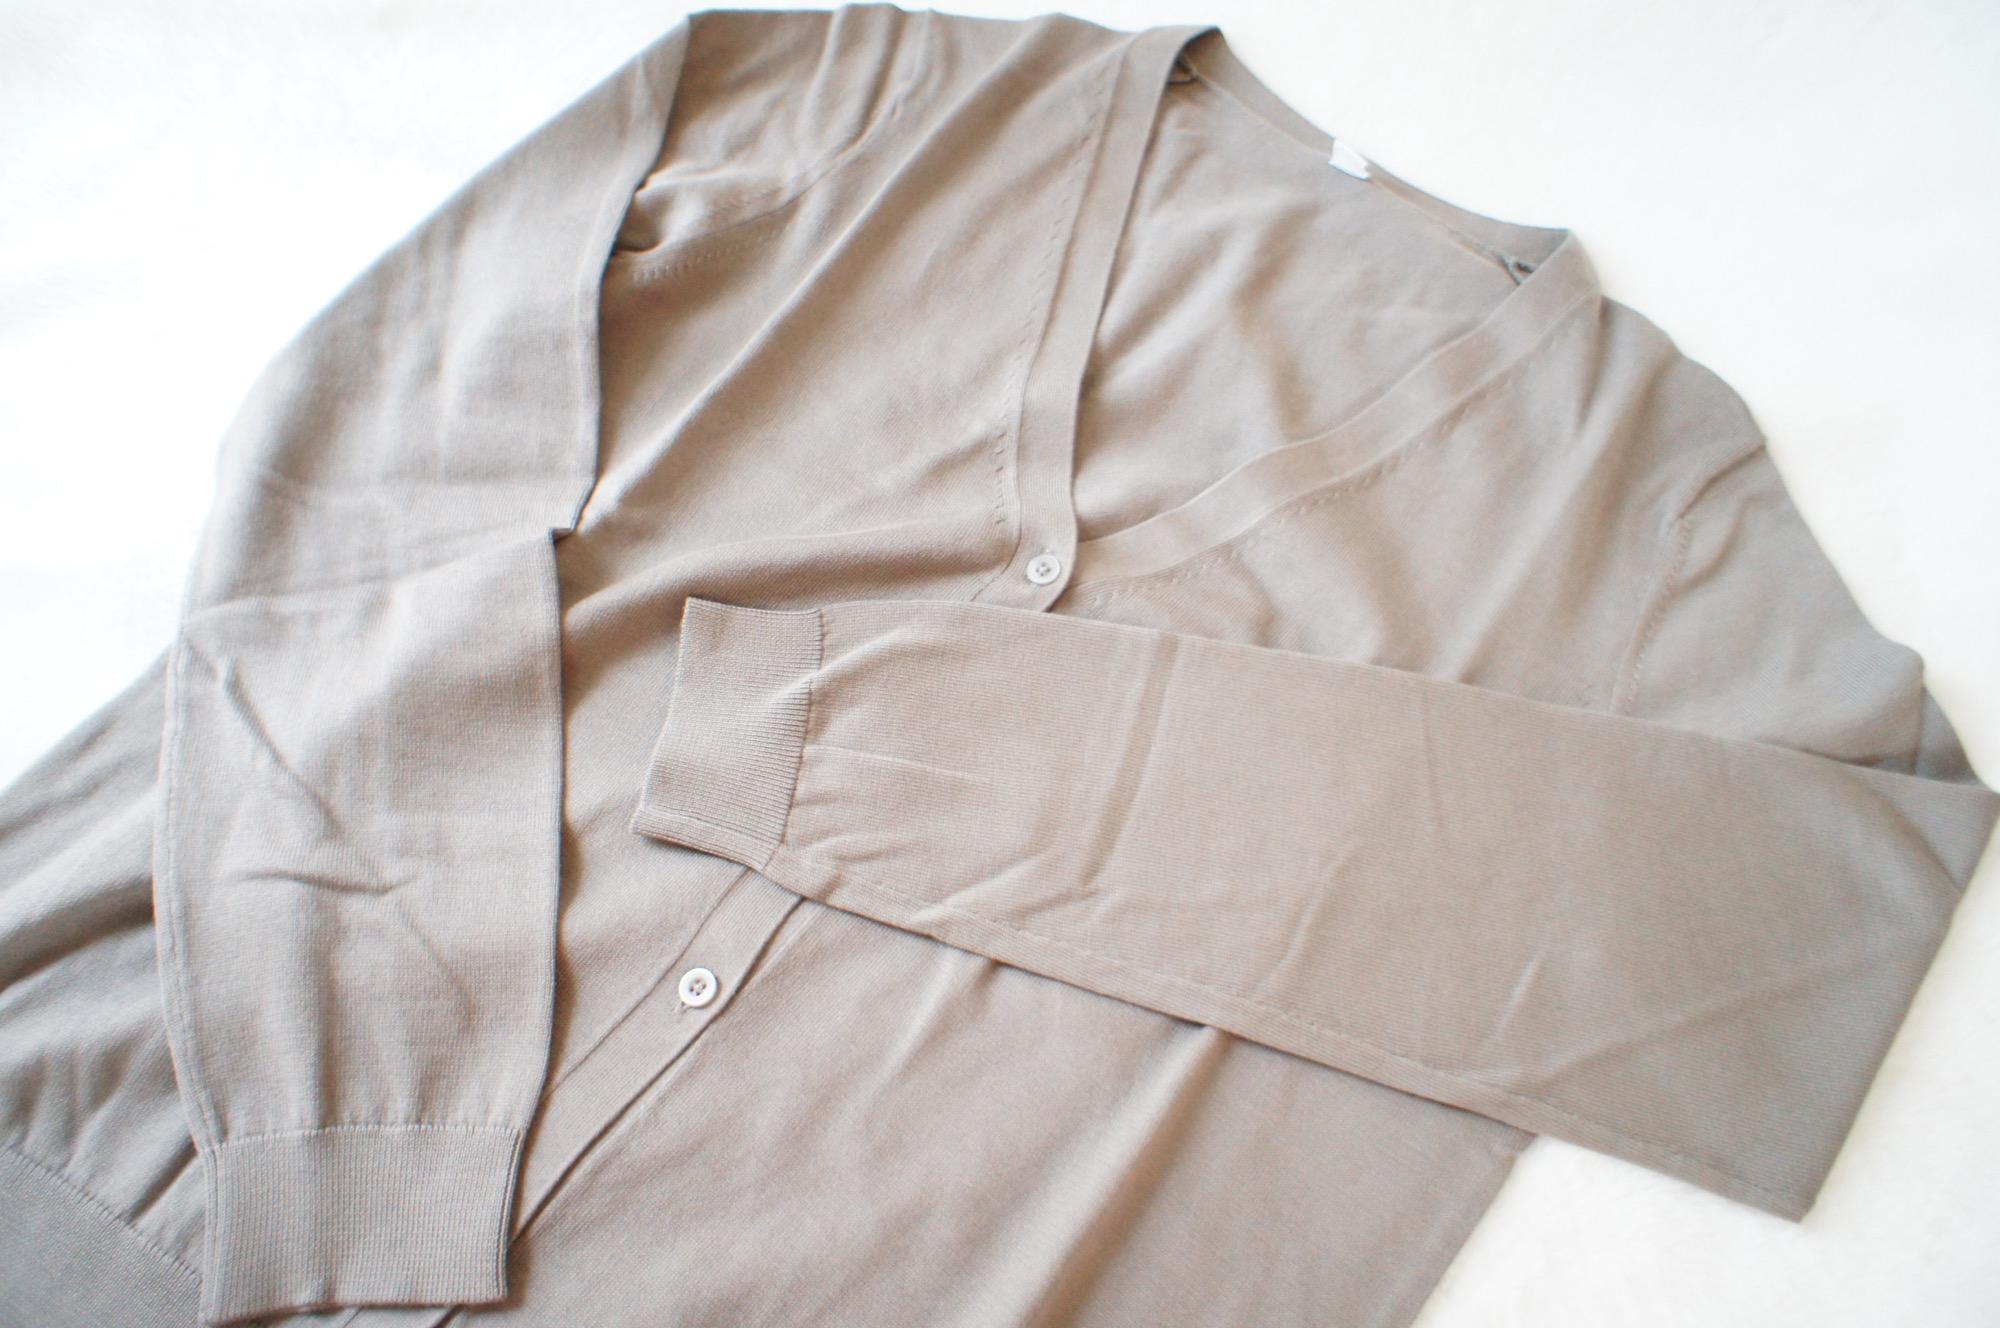 《#170cmトールガール》のプチプラコーデ❤️【UNIQLO】定番アイテムの新色を買い足しました☻_1